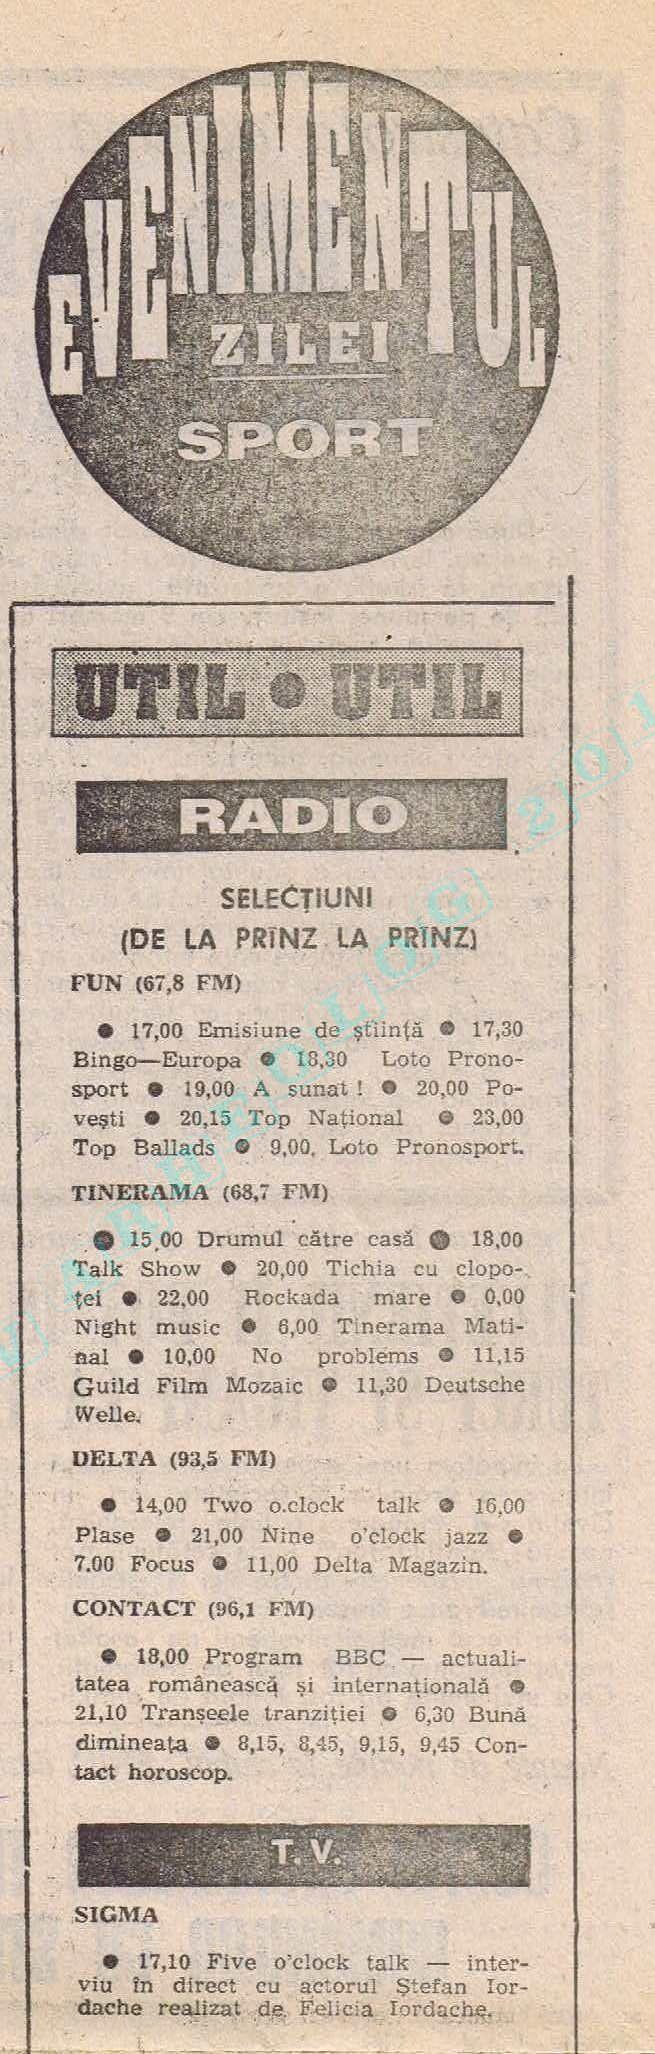 01-04 EvP Radio